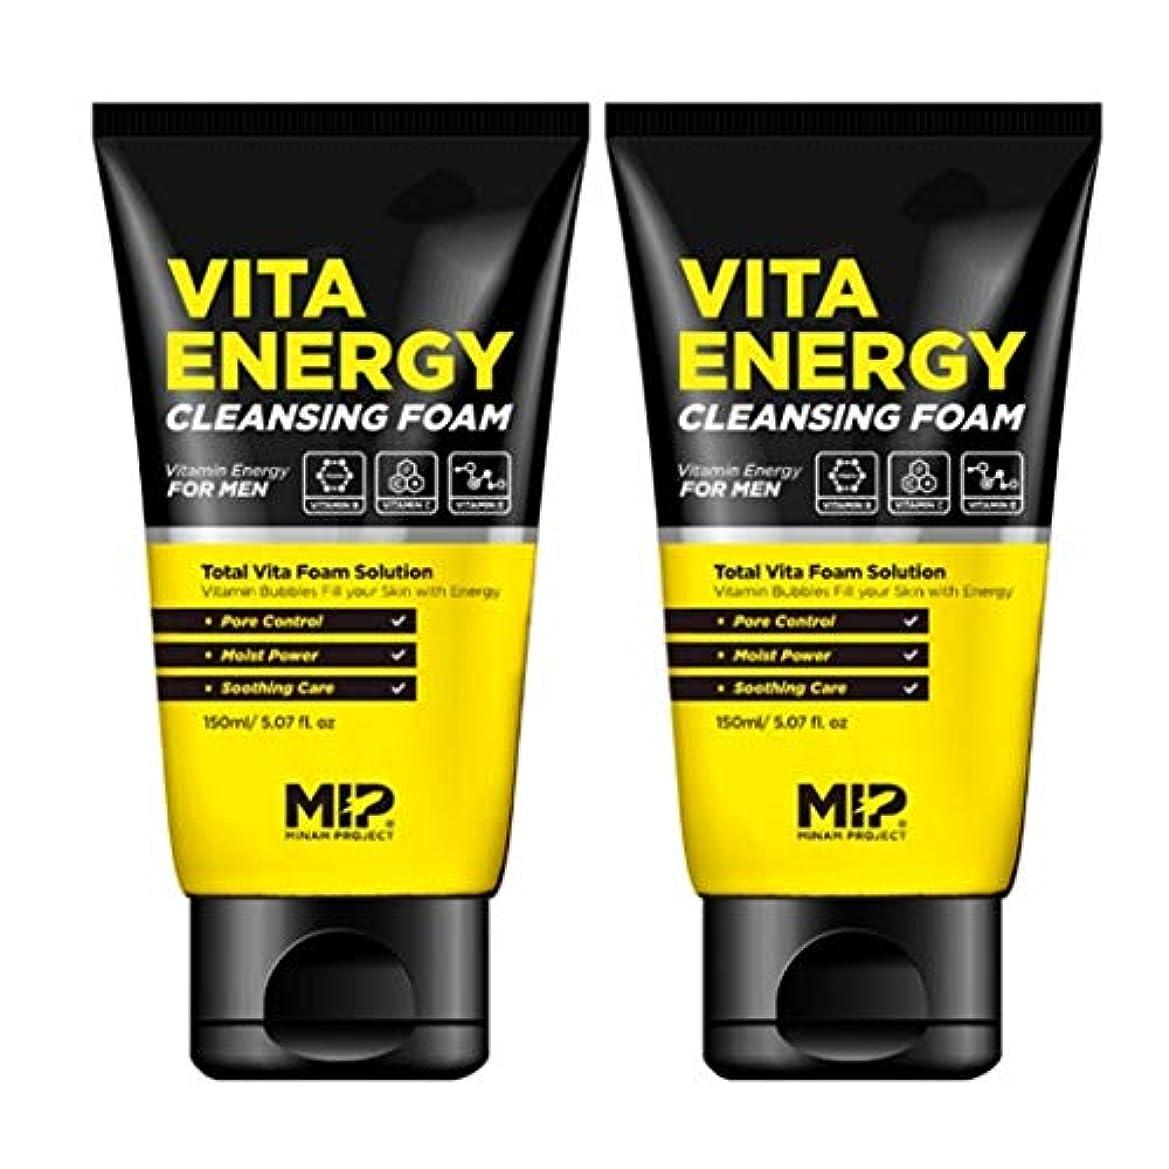 実験室批判的動かないMIP VITA ENERGY CLEANSING FOAMクレンジング?フォーム300ml MEN's Cosmetic[海外直送品]